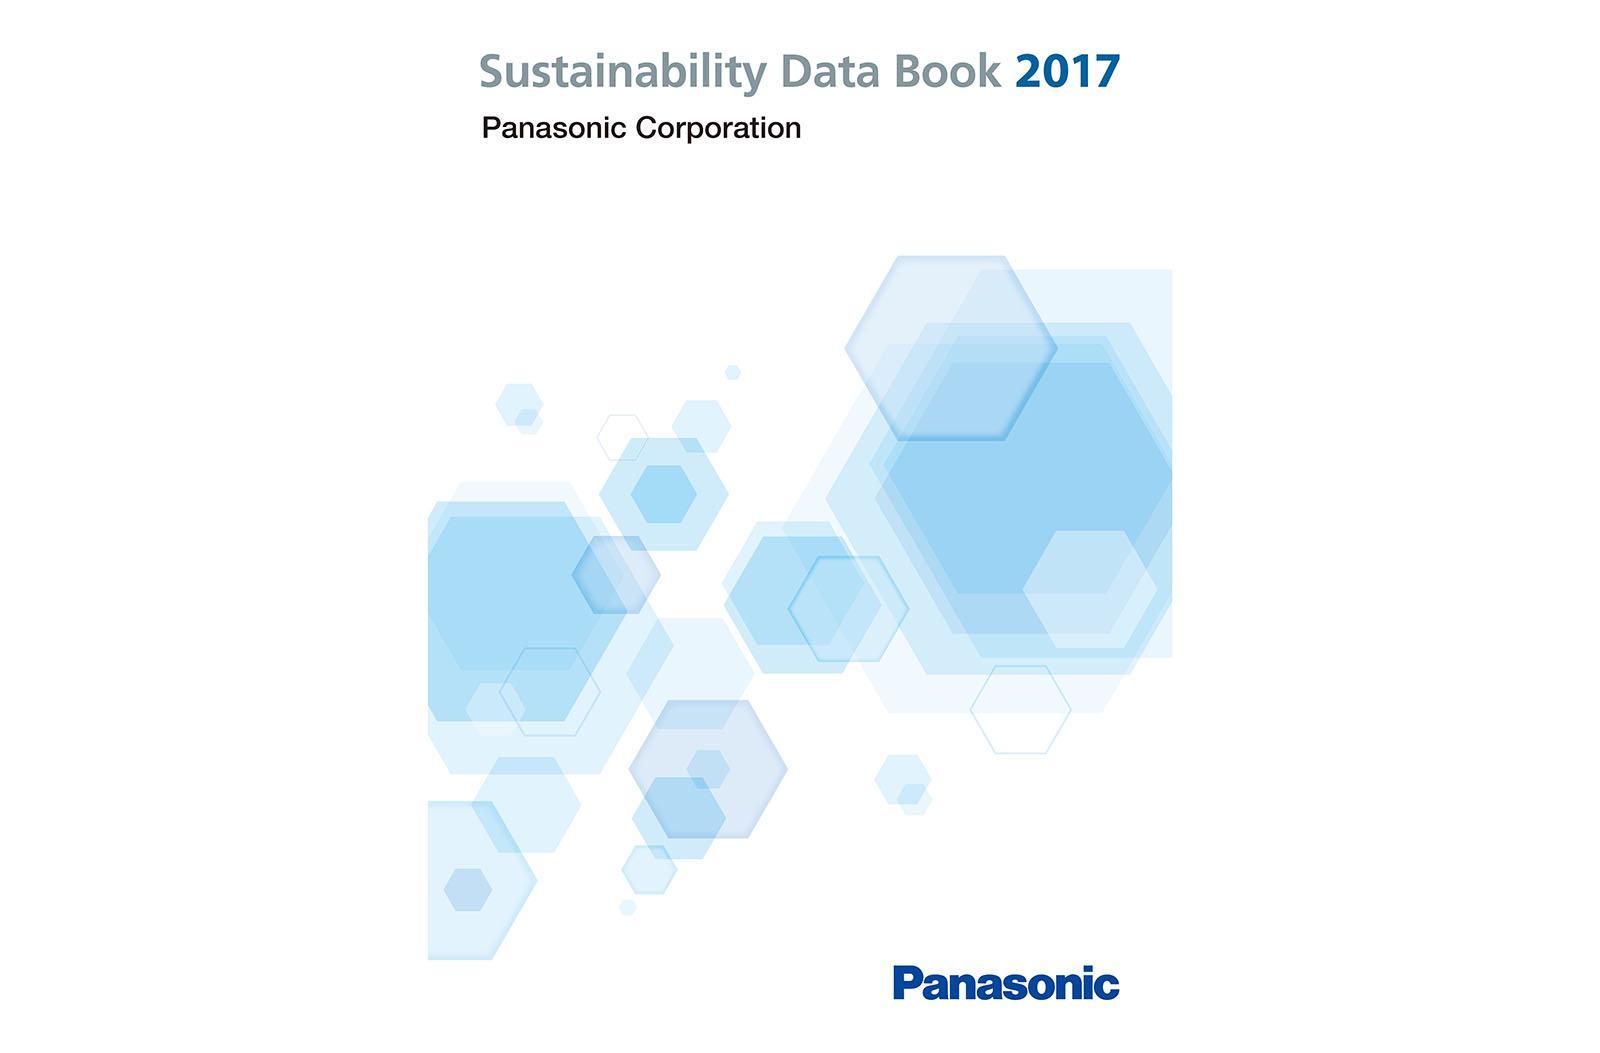 Image: Sustainability Data Book 2017